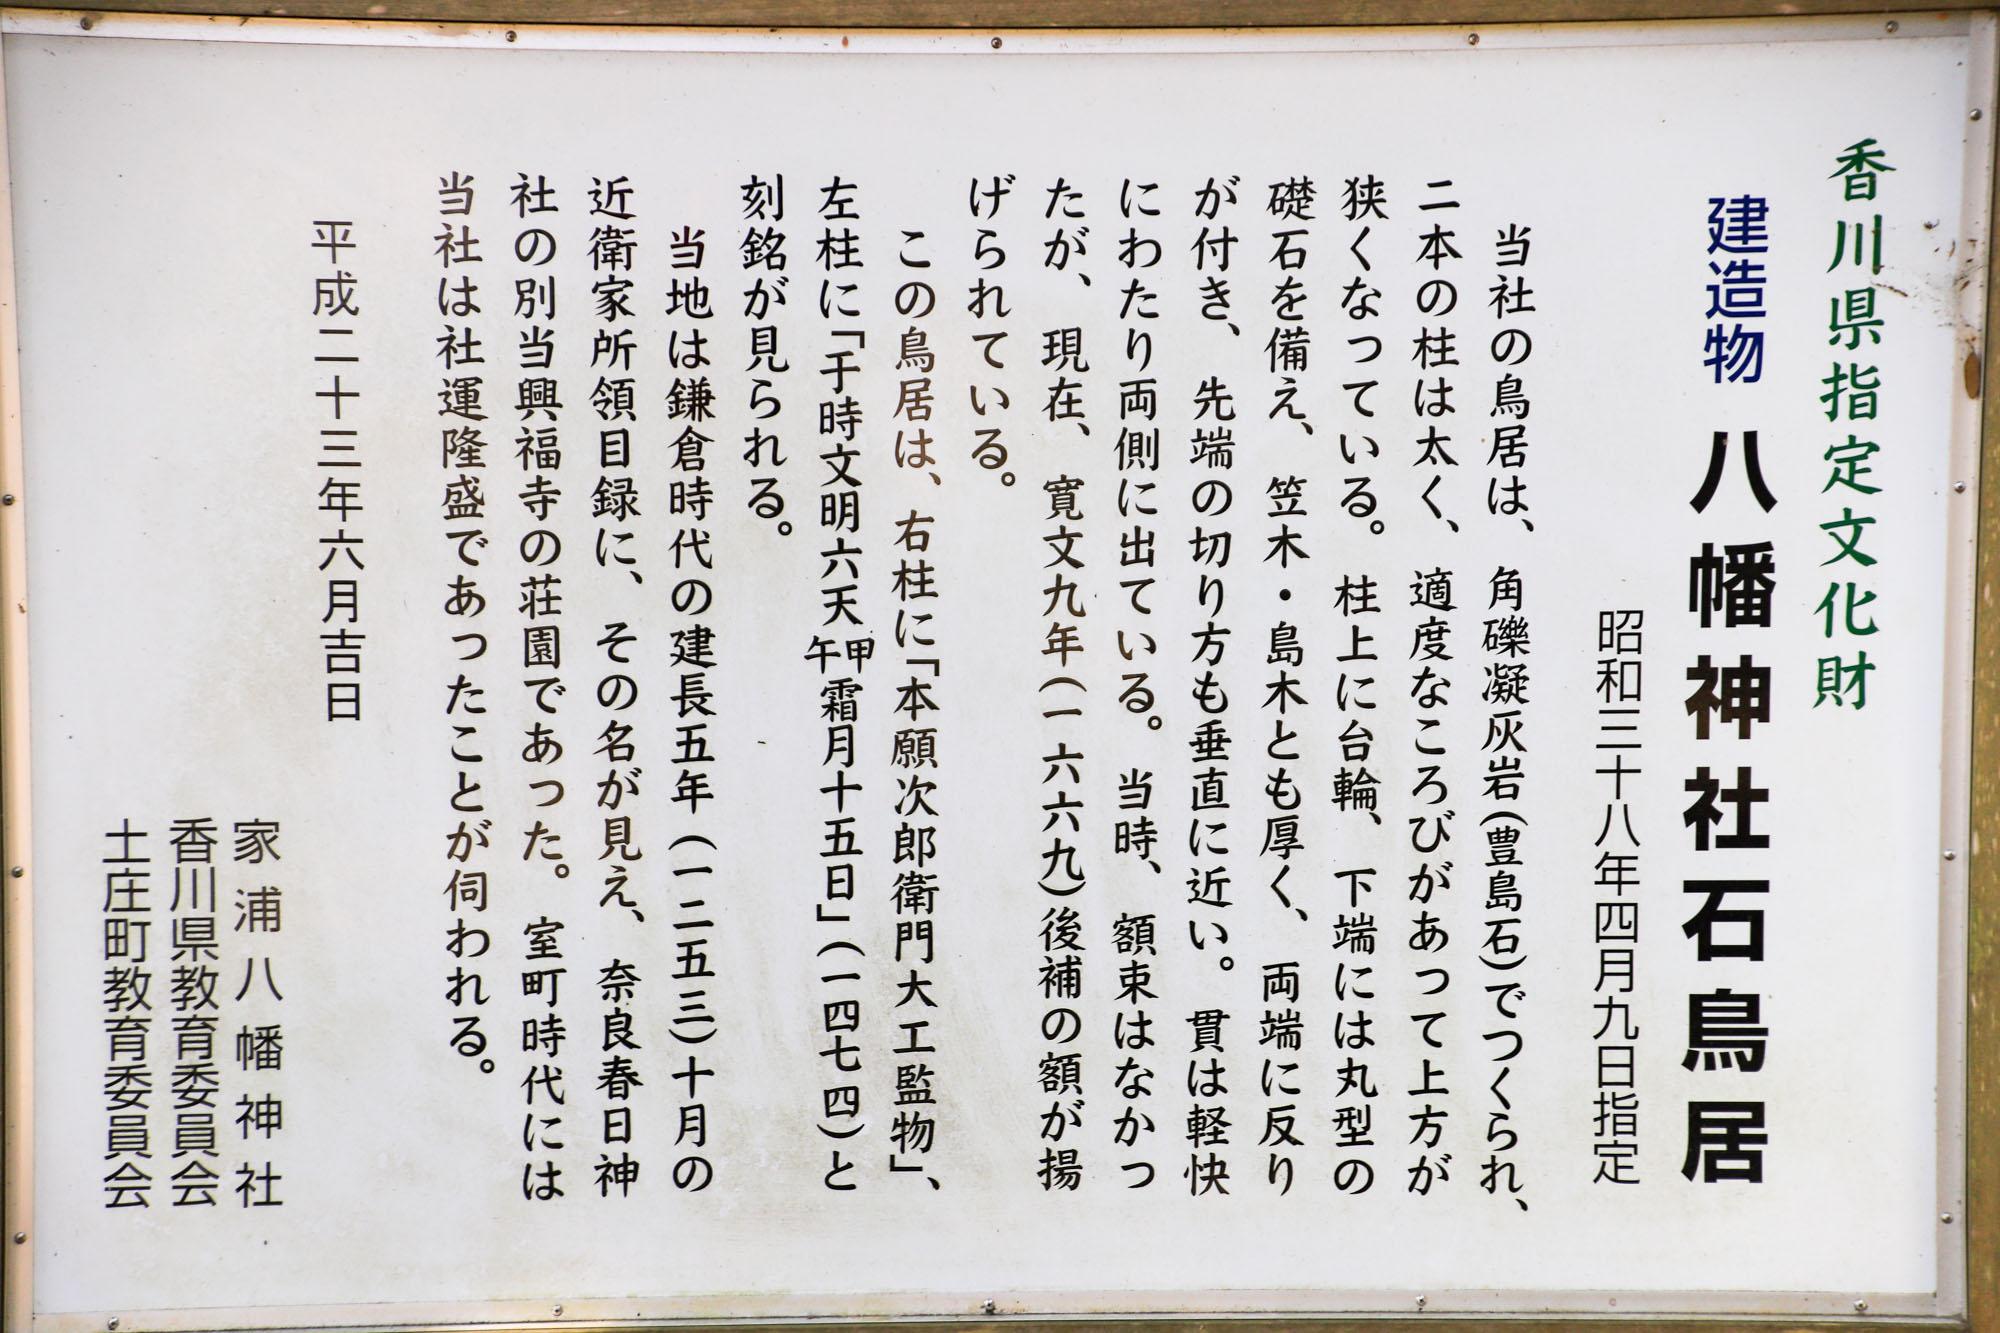 teshima1-33.jpg